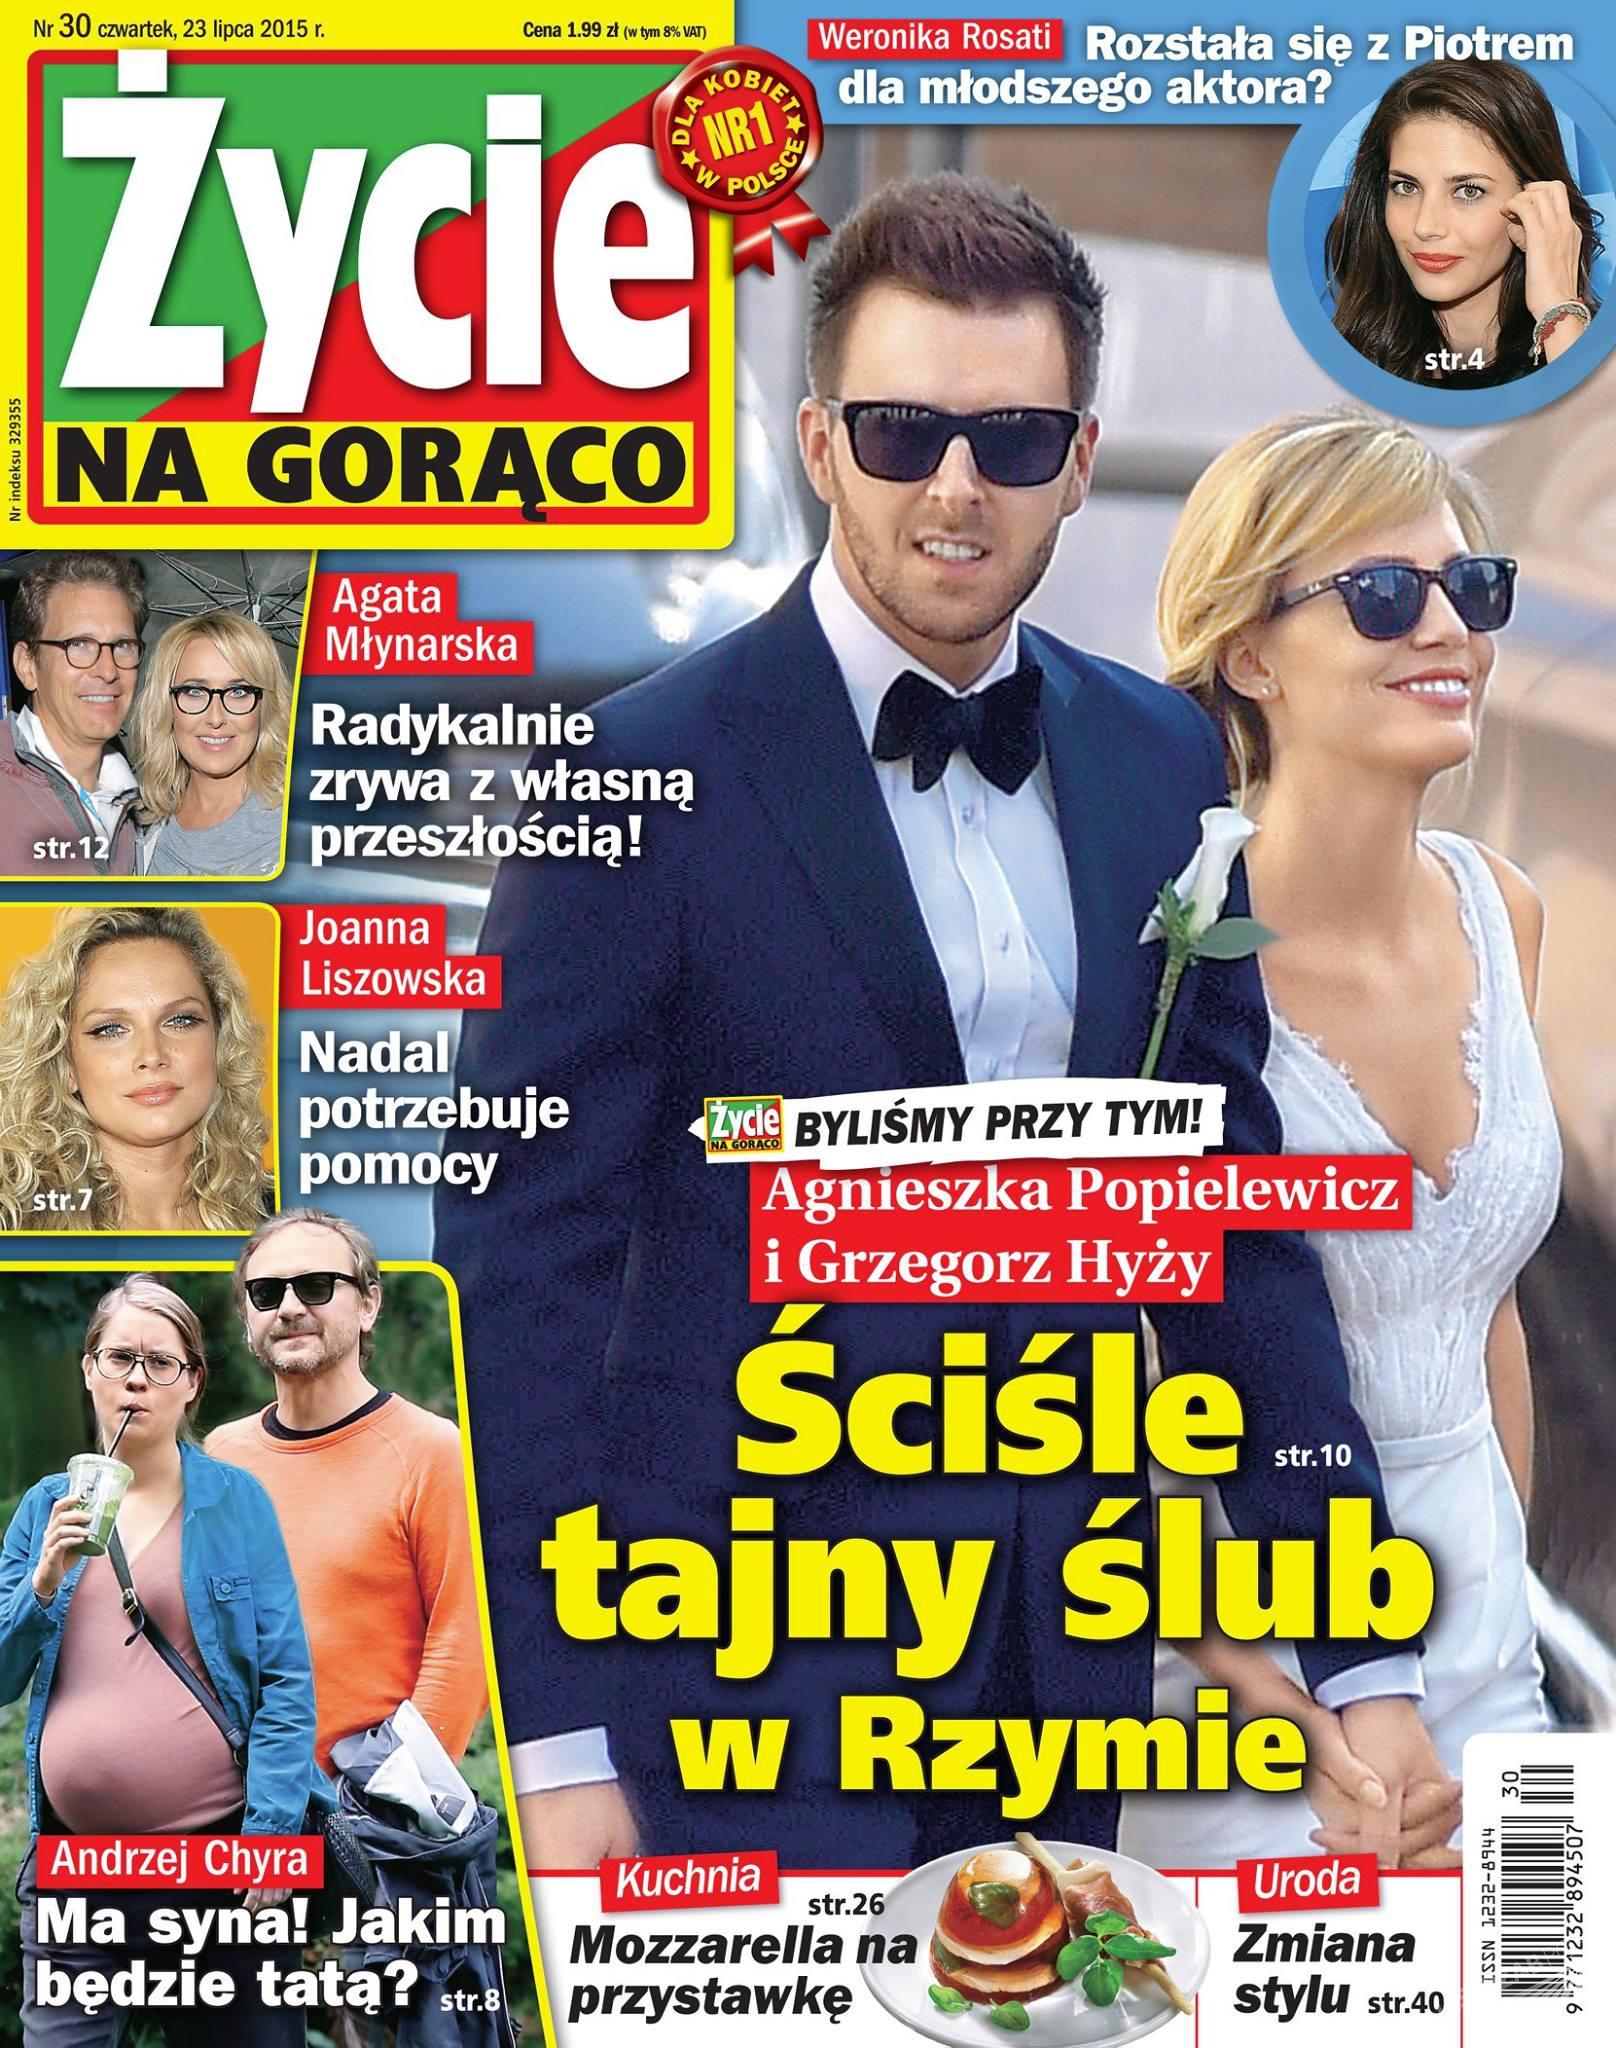 Ślubne zdjęcie Agnieszki Popielewicz i Grzegorza Hyżego na okładce Życia na gorąco